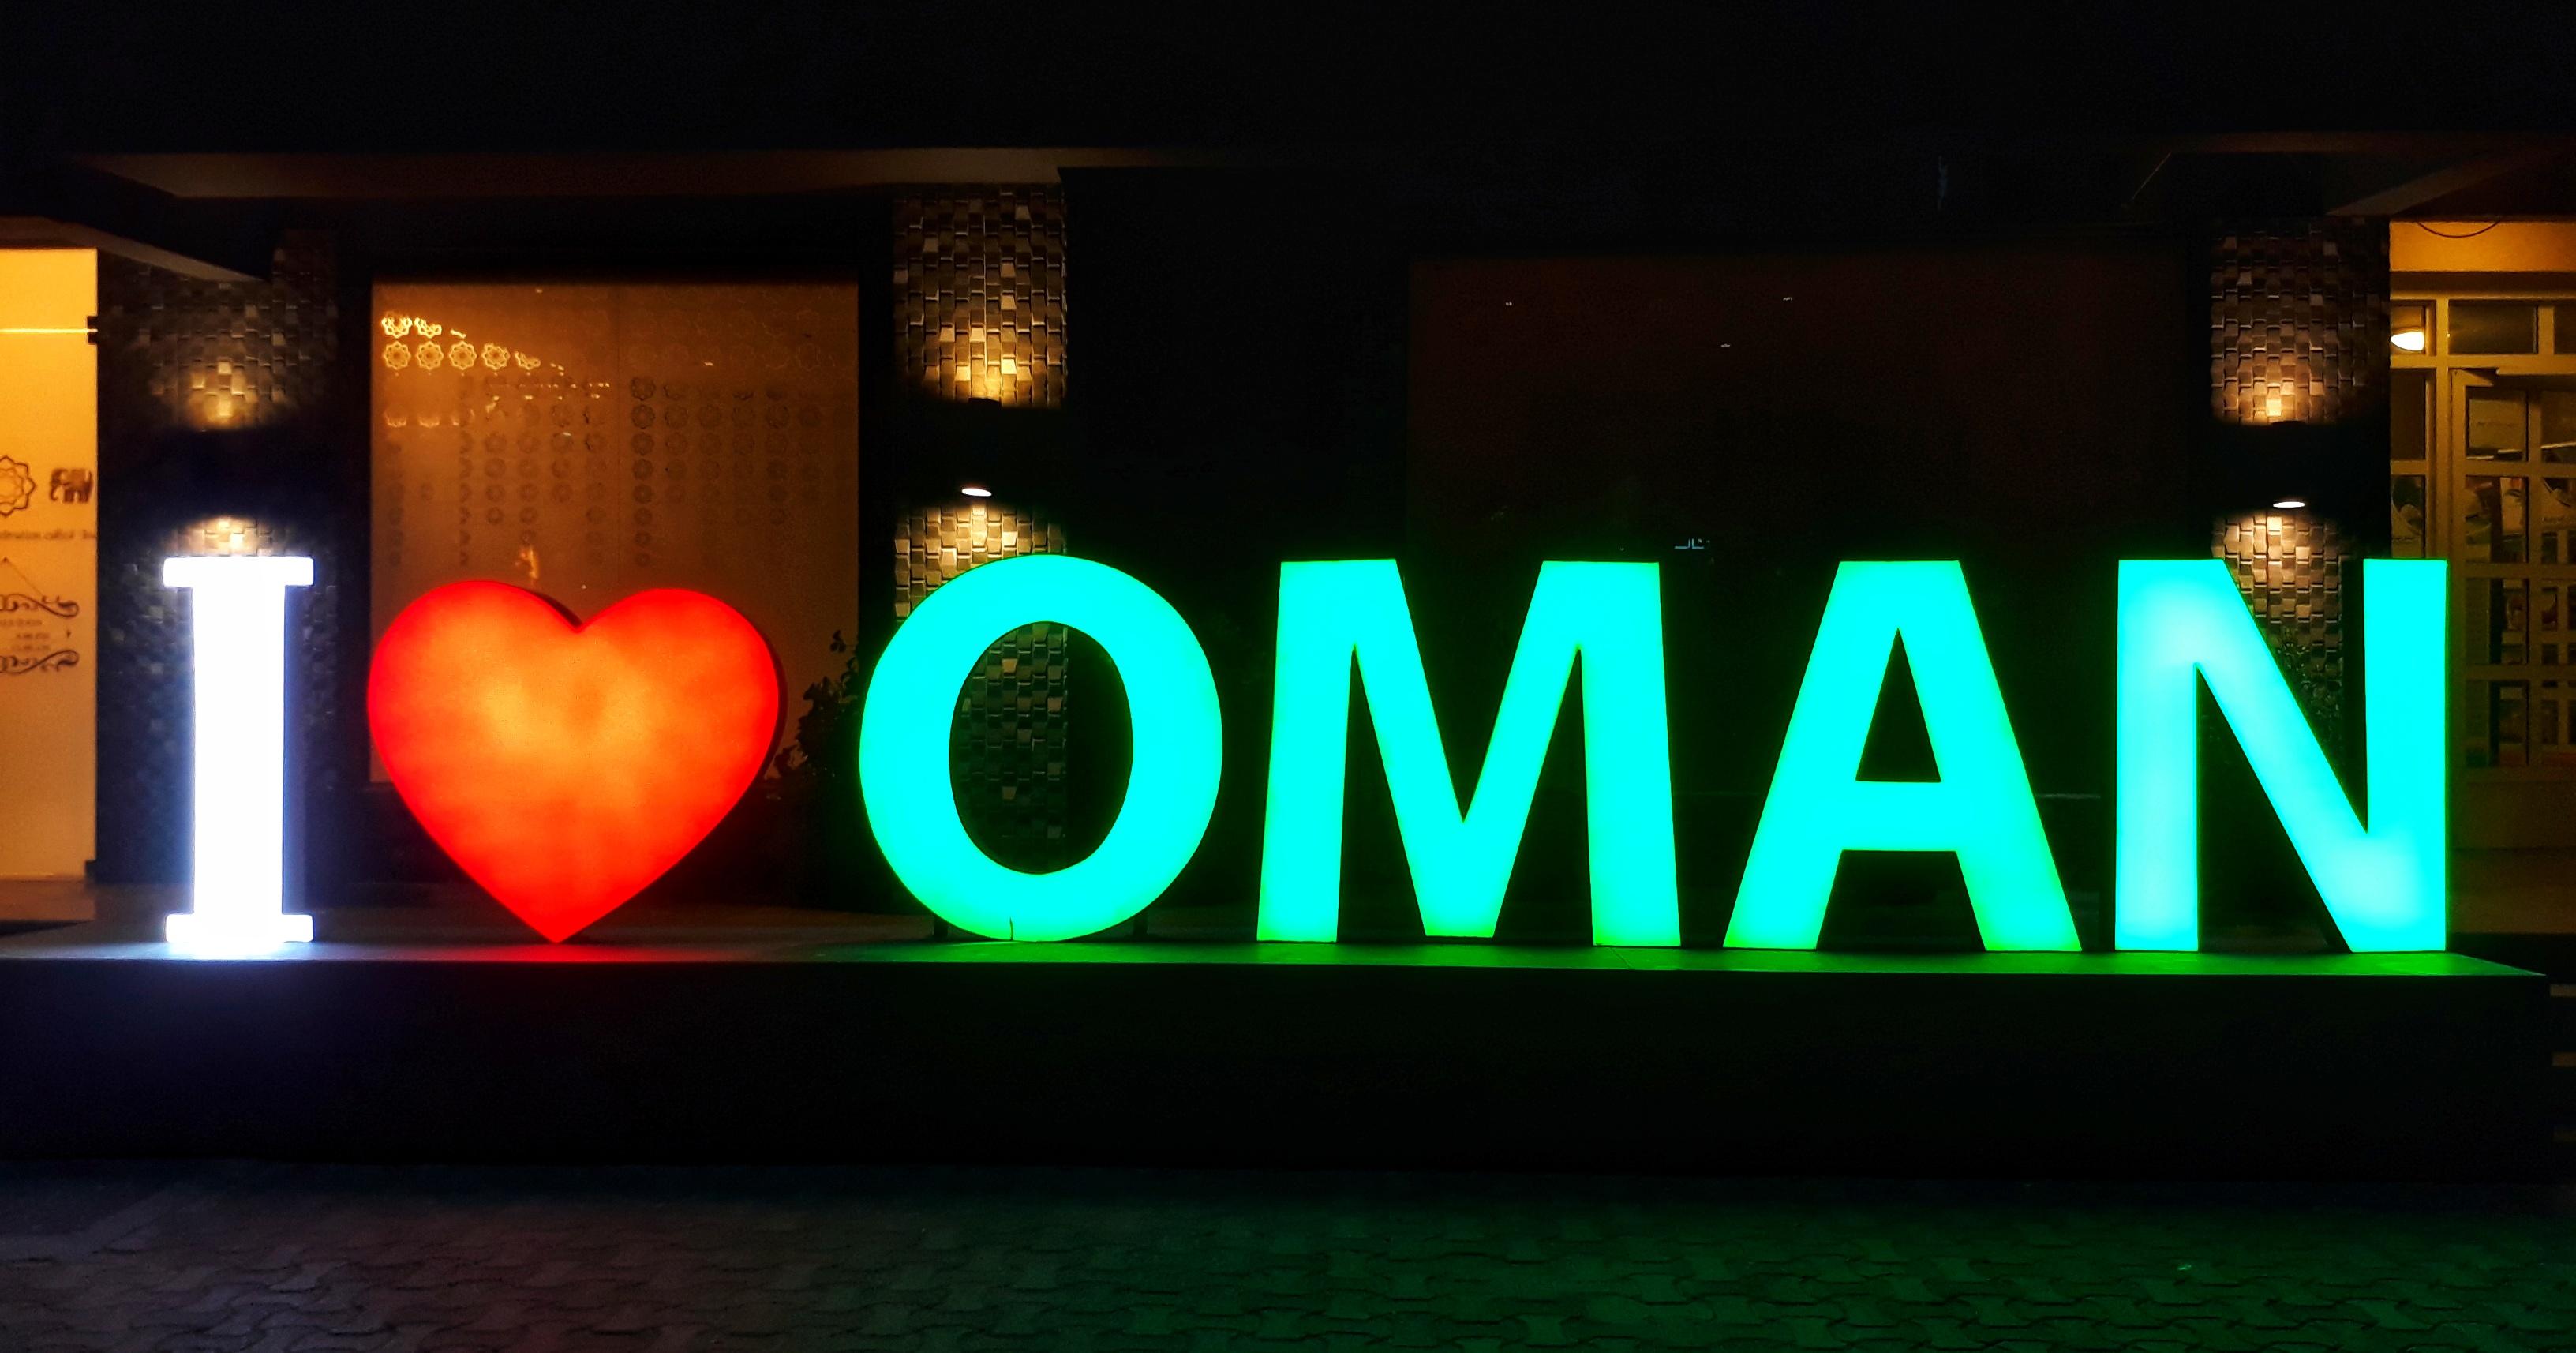 I Luv 2 Globe Trot Jashn Oman